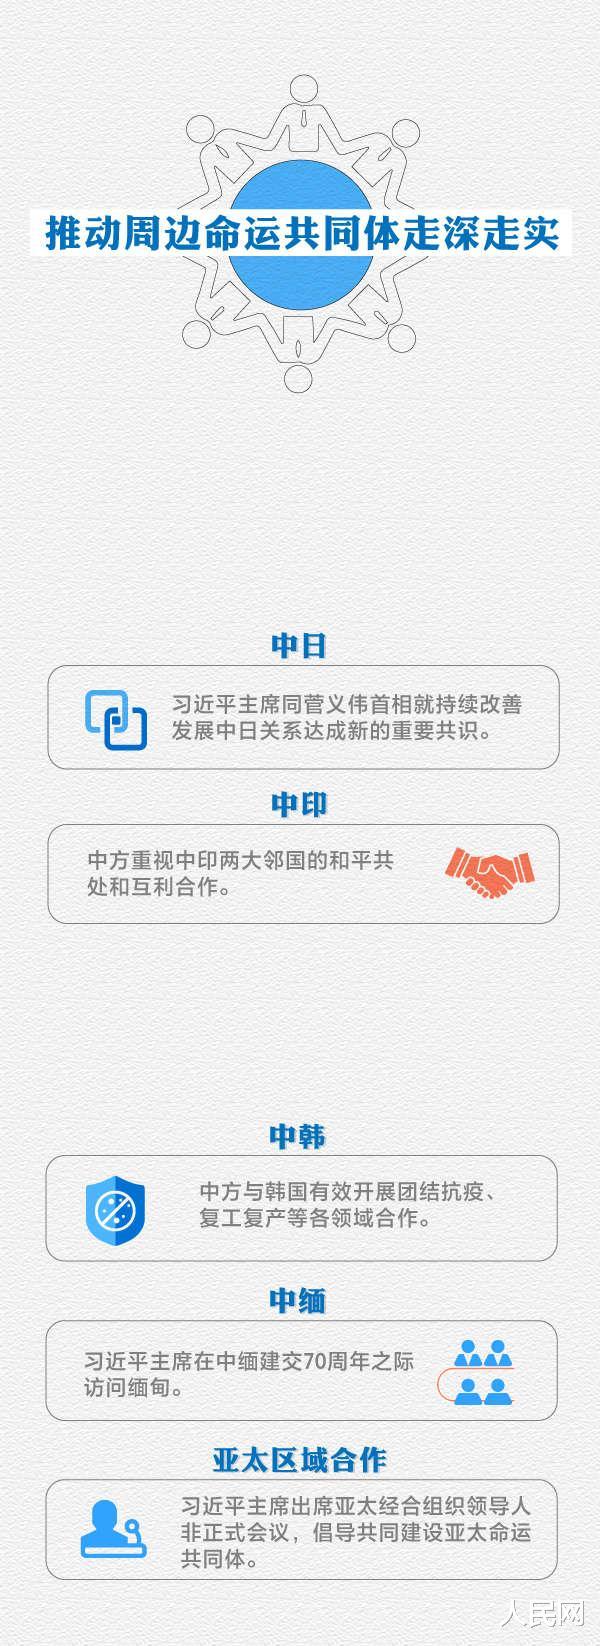 2020年中國外交乘風破浪堅毅前行-圖6